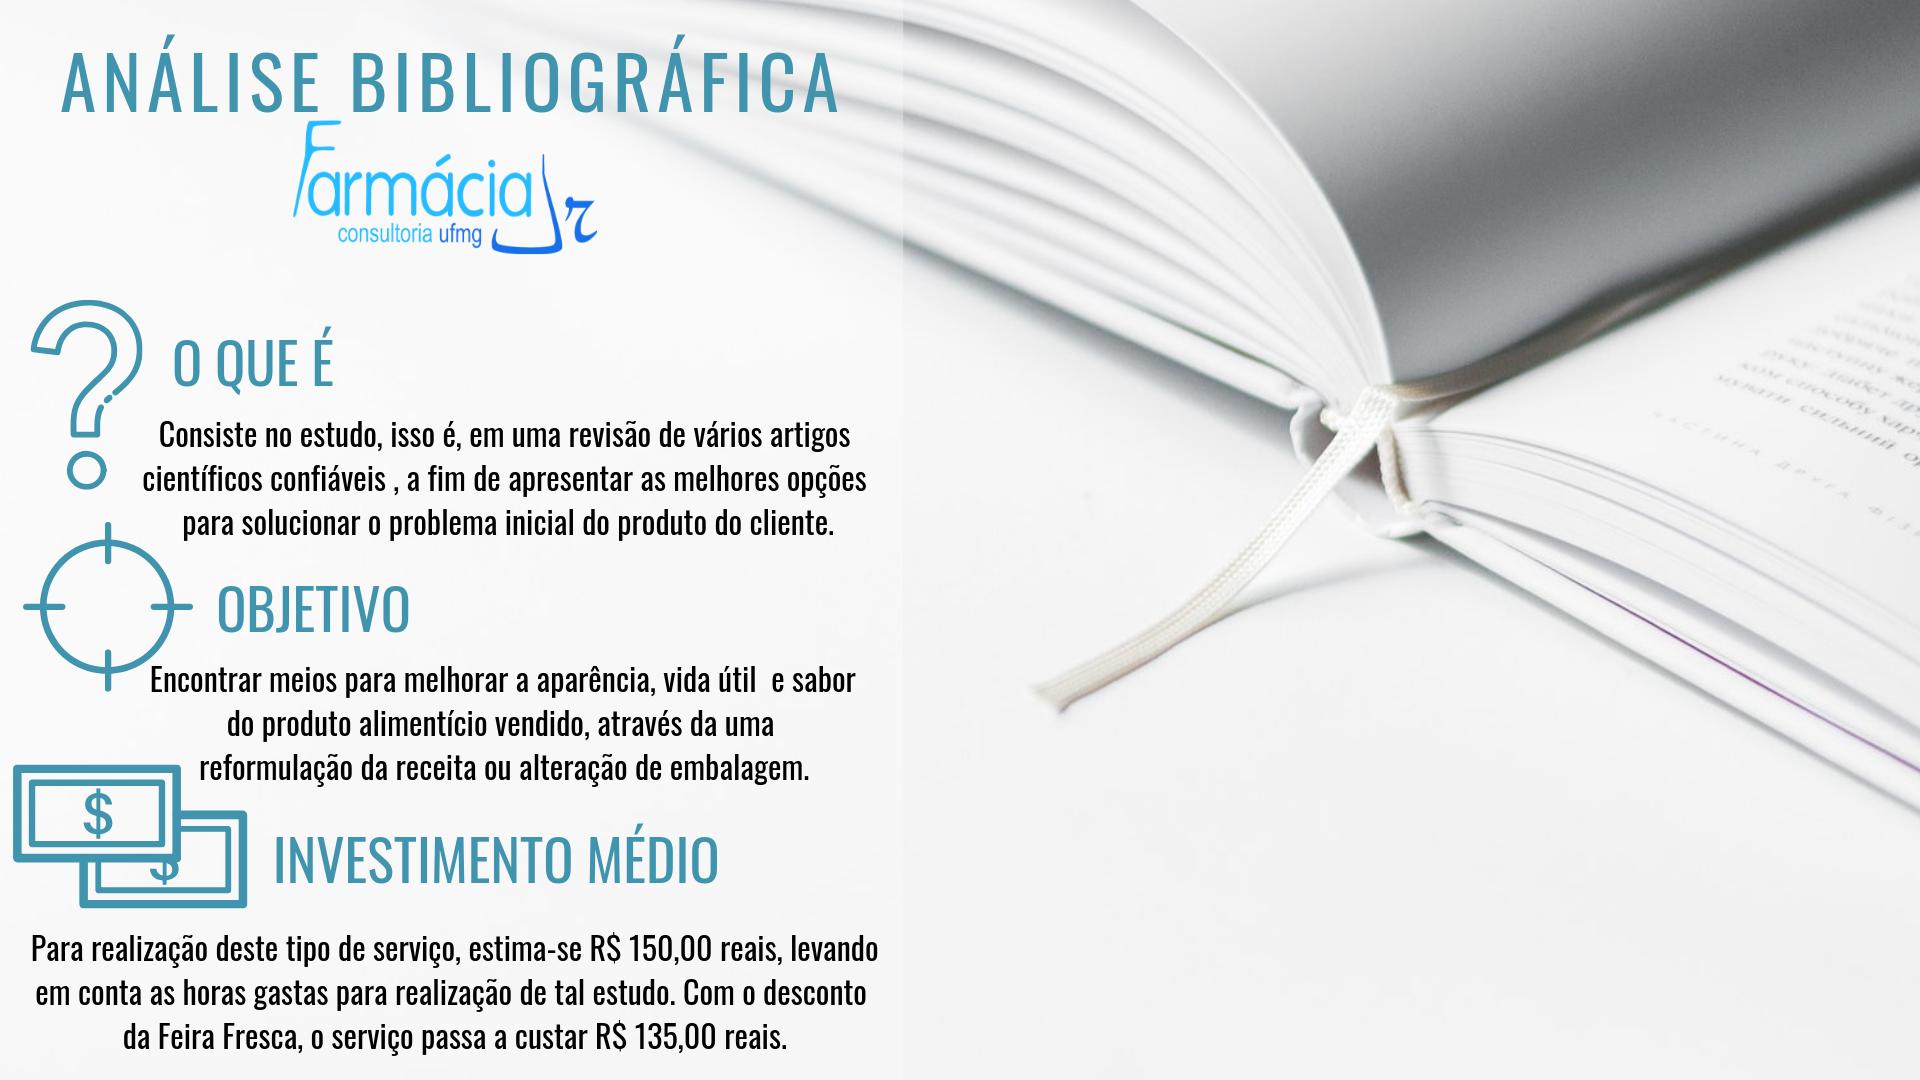 3- Análise Bibliográfica